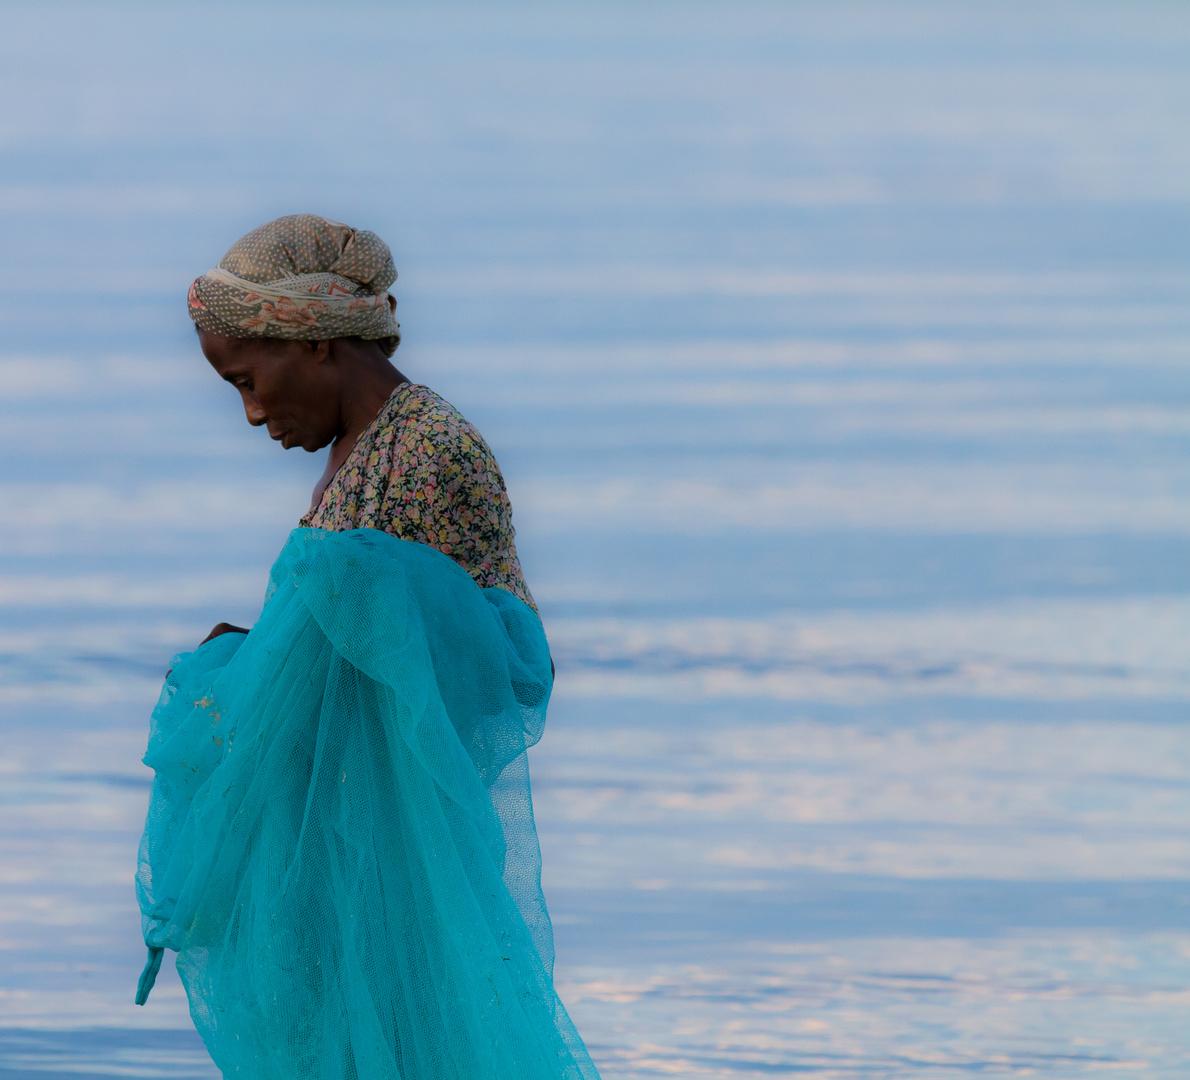 Fishing on Pangani coast, Tanzania